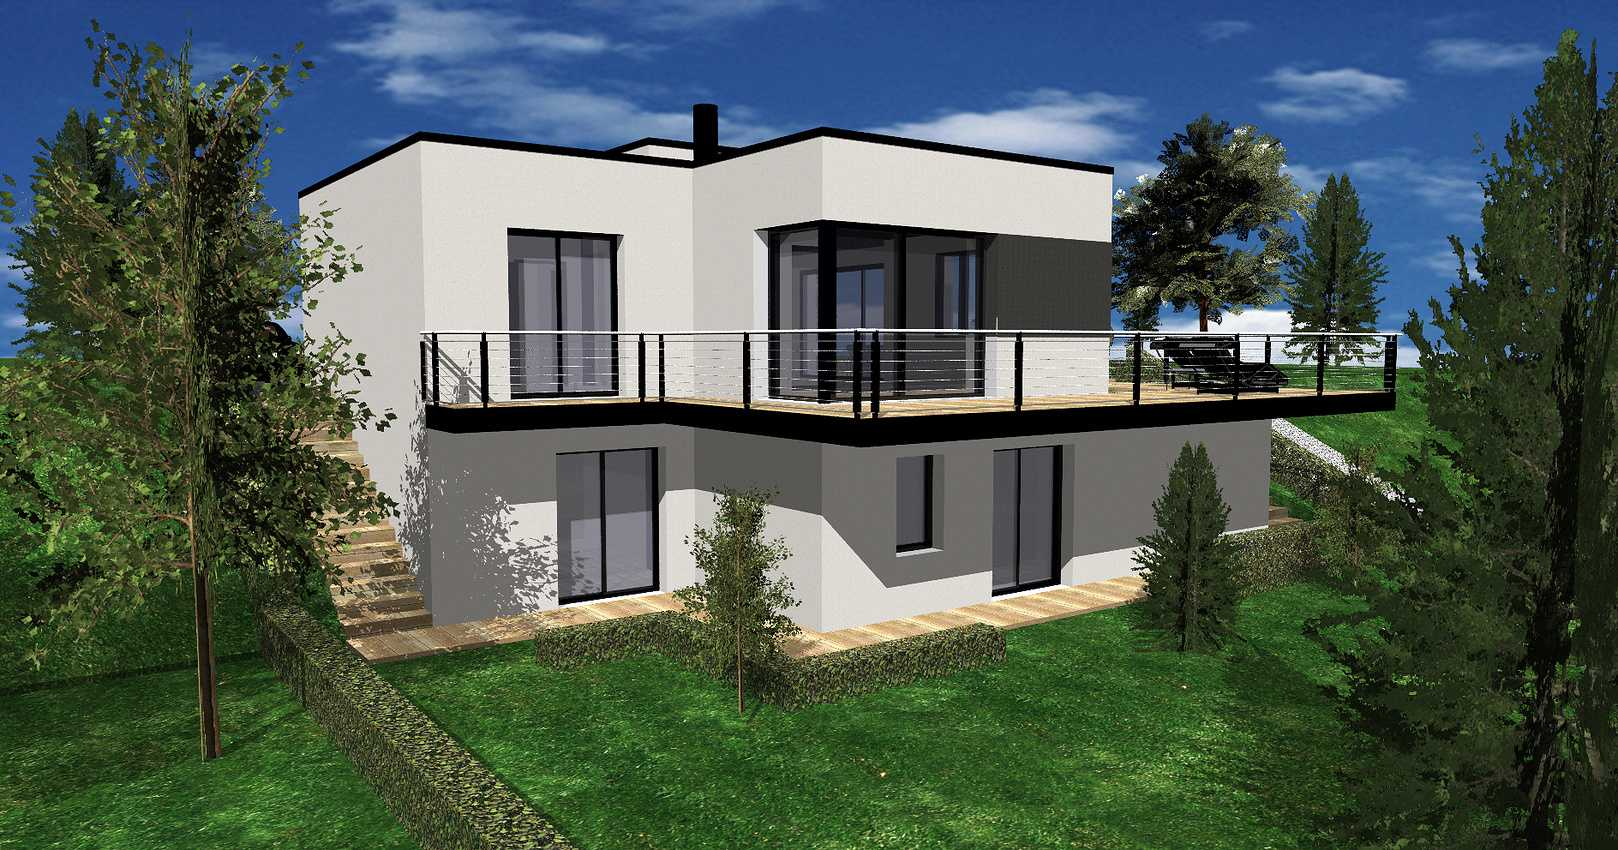 Projet de construction d''une maison neuve - Pléneuf-Val-André 0